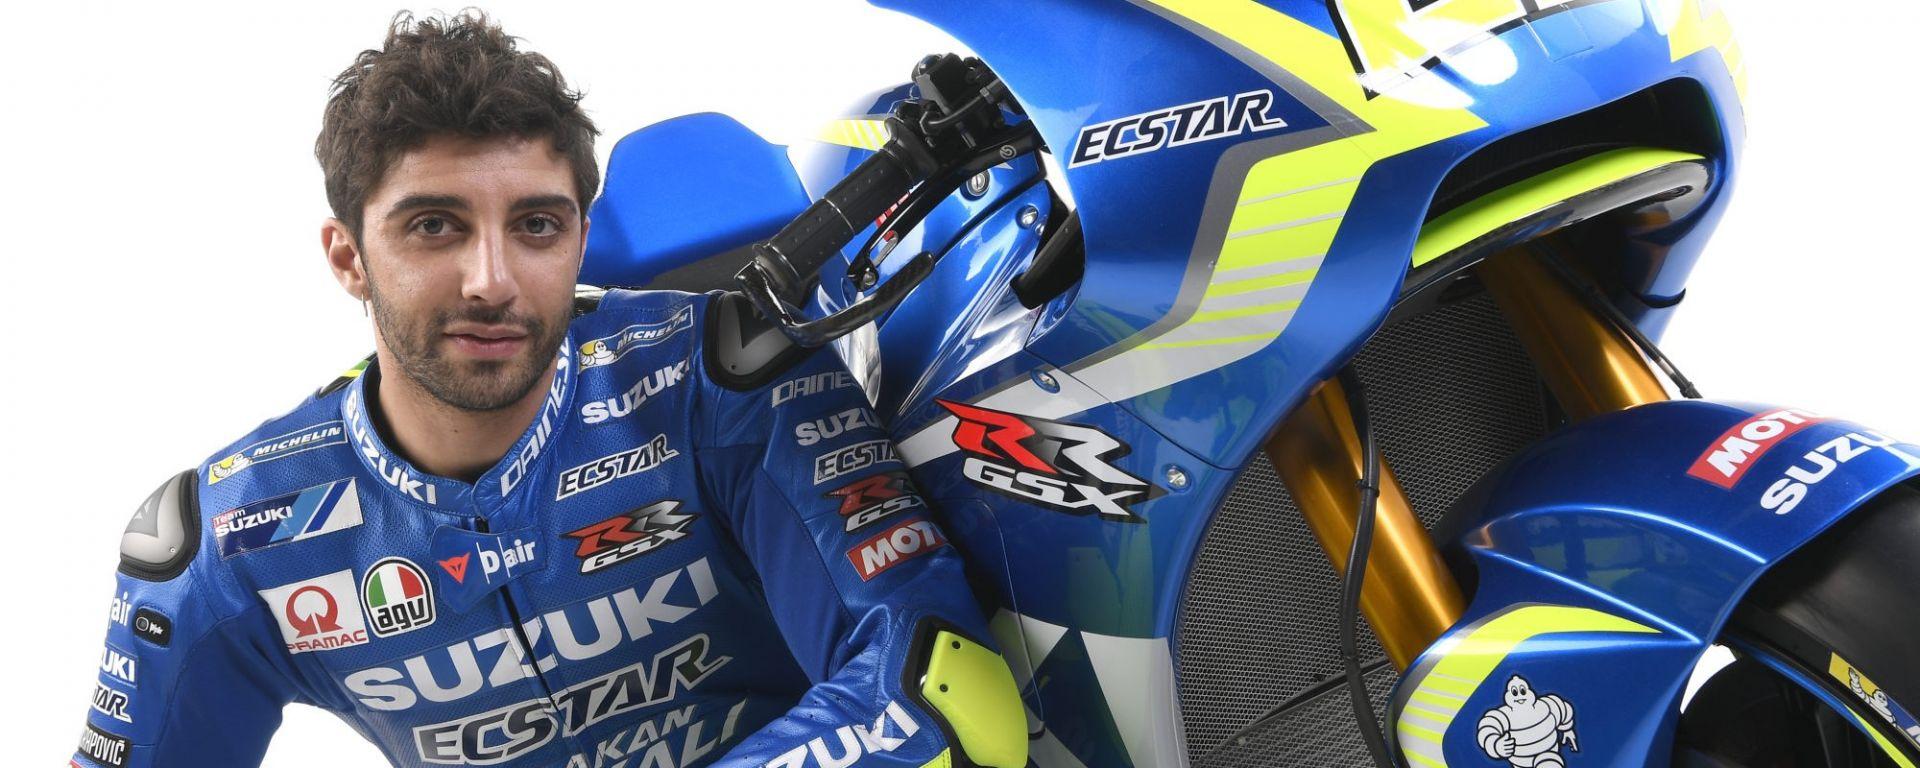 Andrea Iannone Suzuki GSX-RR